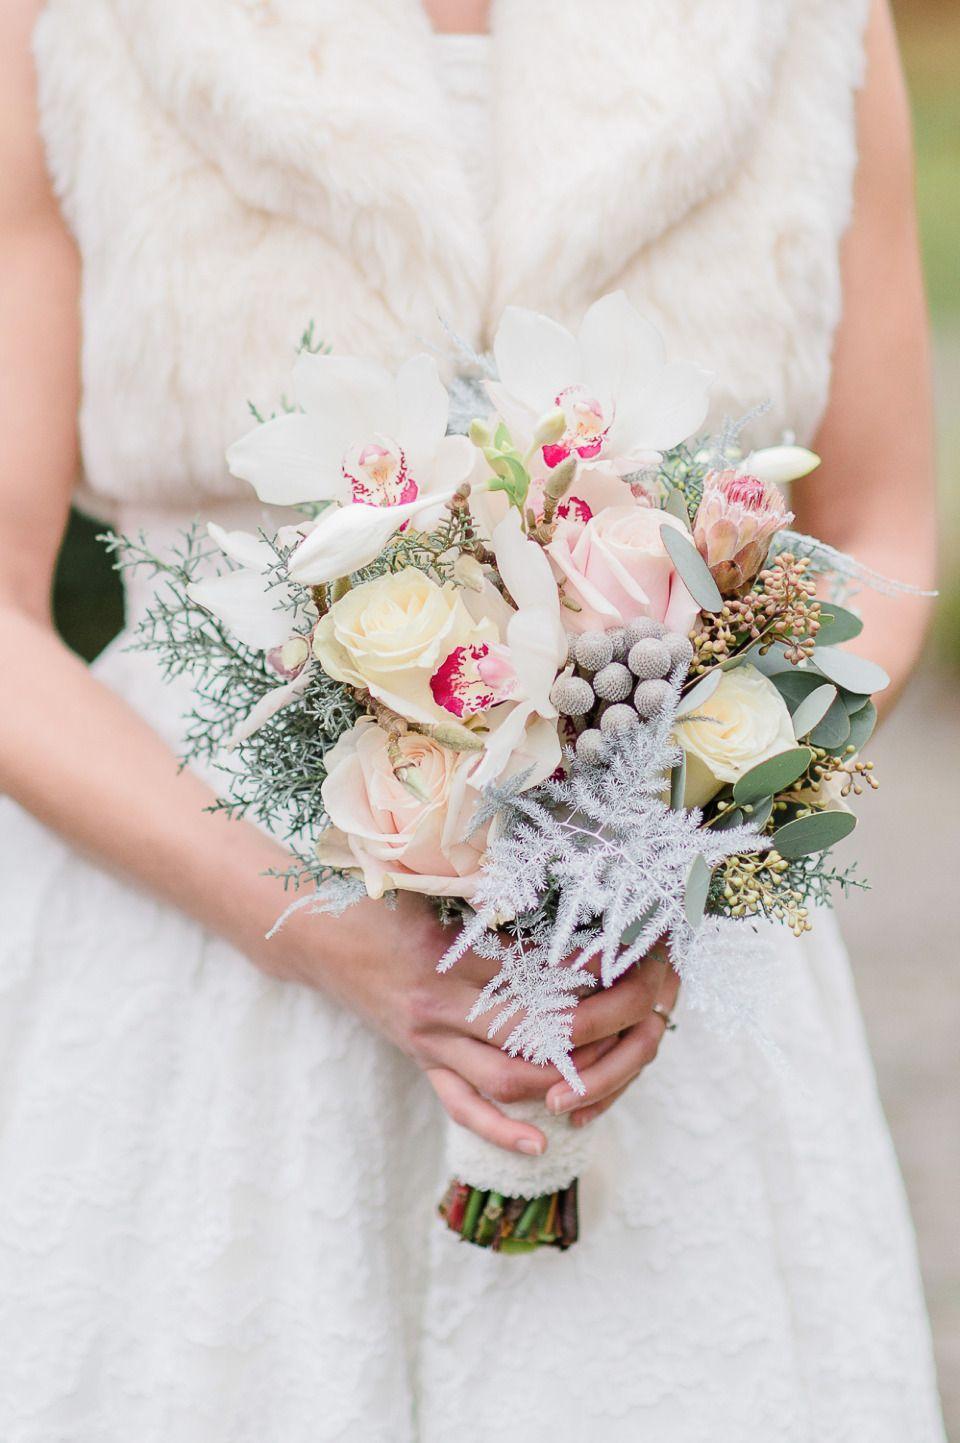 Wenn Hochzeitsmärchen wahr werden Photography: Alexandra Vonk Flowers: Mullers Floral Art